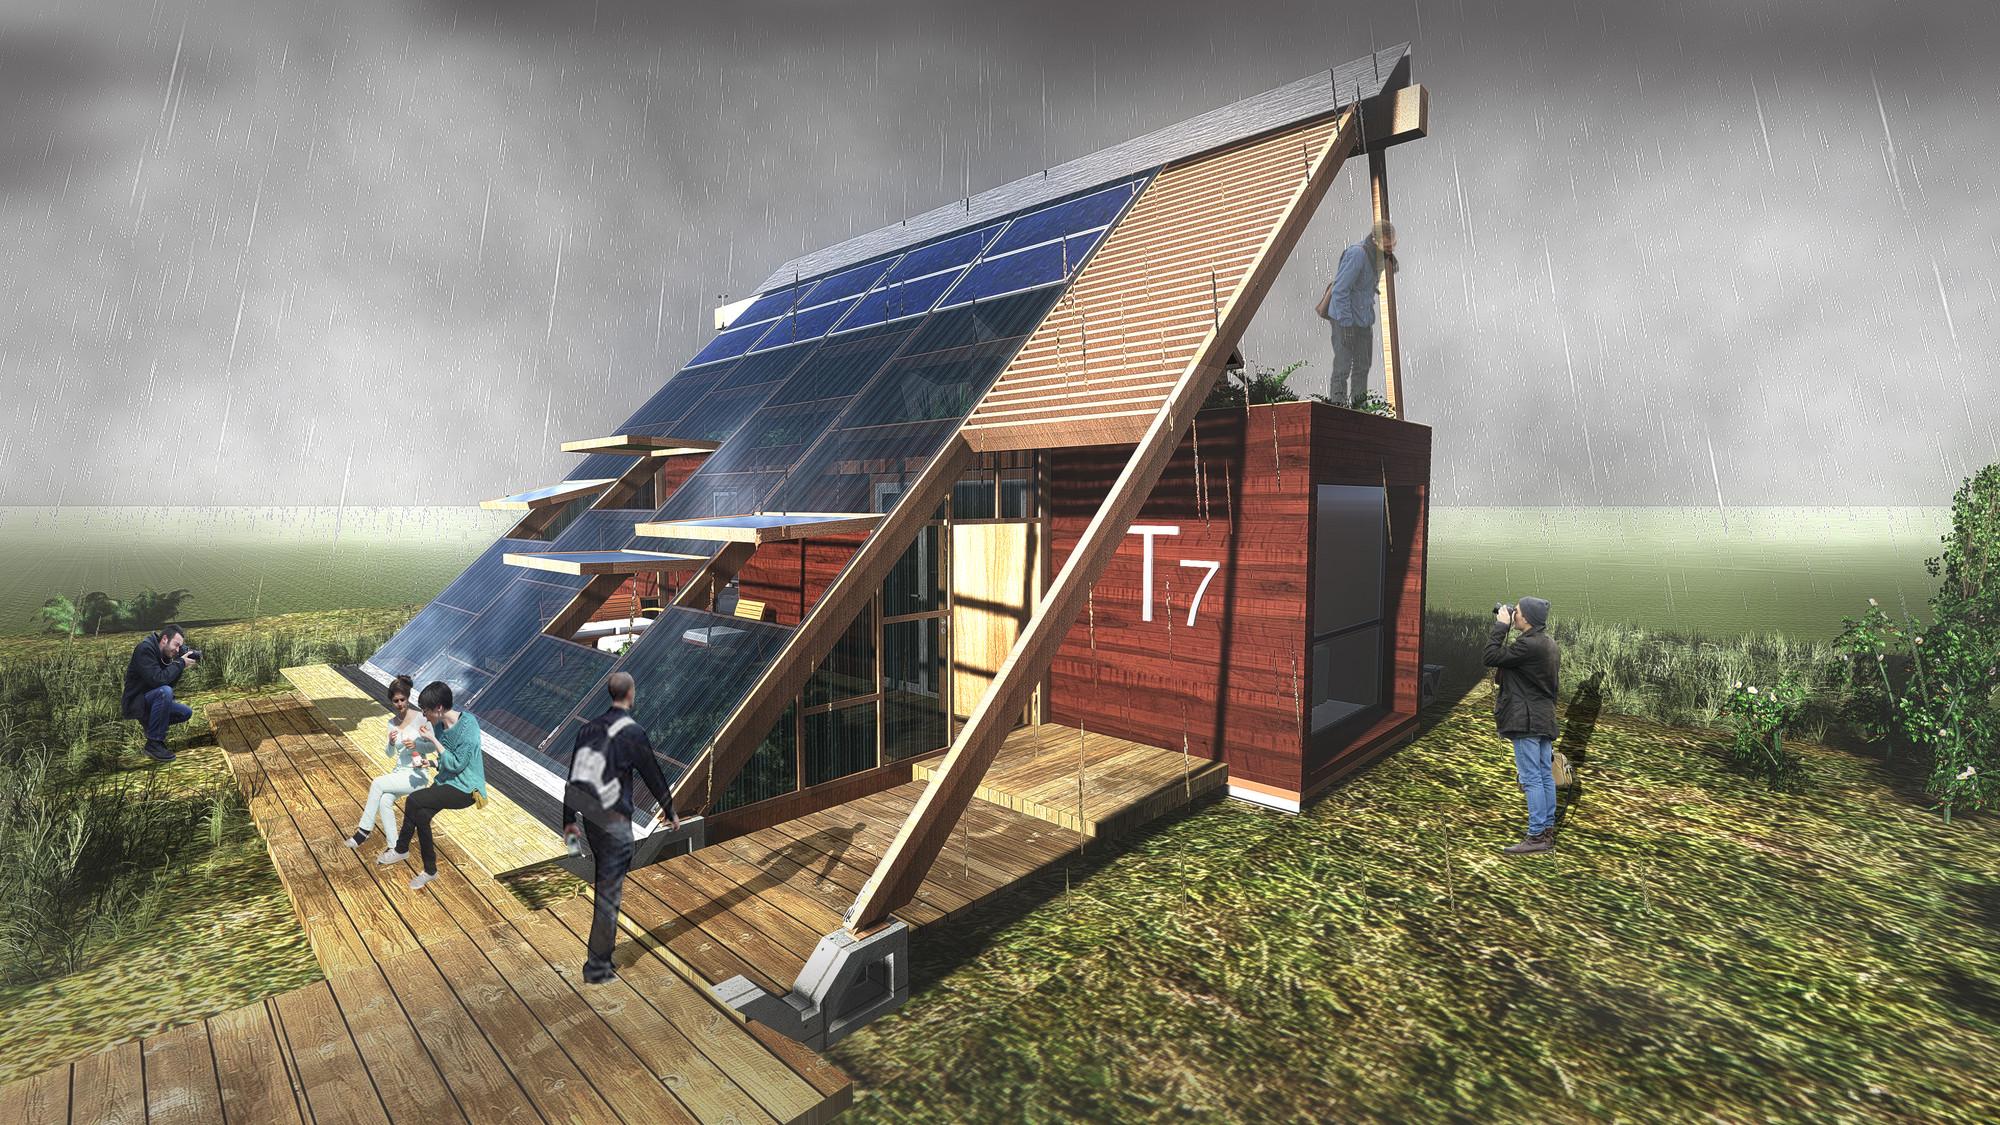 Construye Solar: Casa Atrapa Lluvia - Atrapa Sol, vivienda sustentable en una ciudad contaminada, Cortesia de Equipo T7